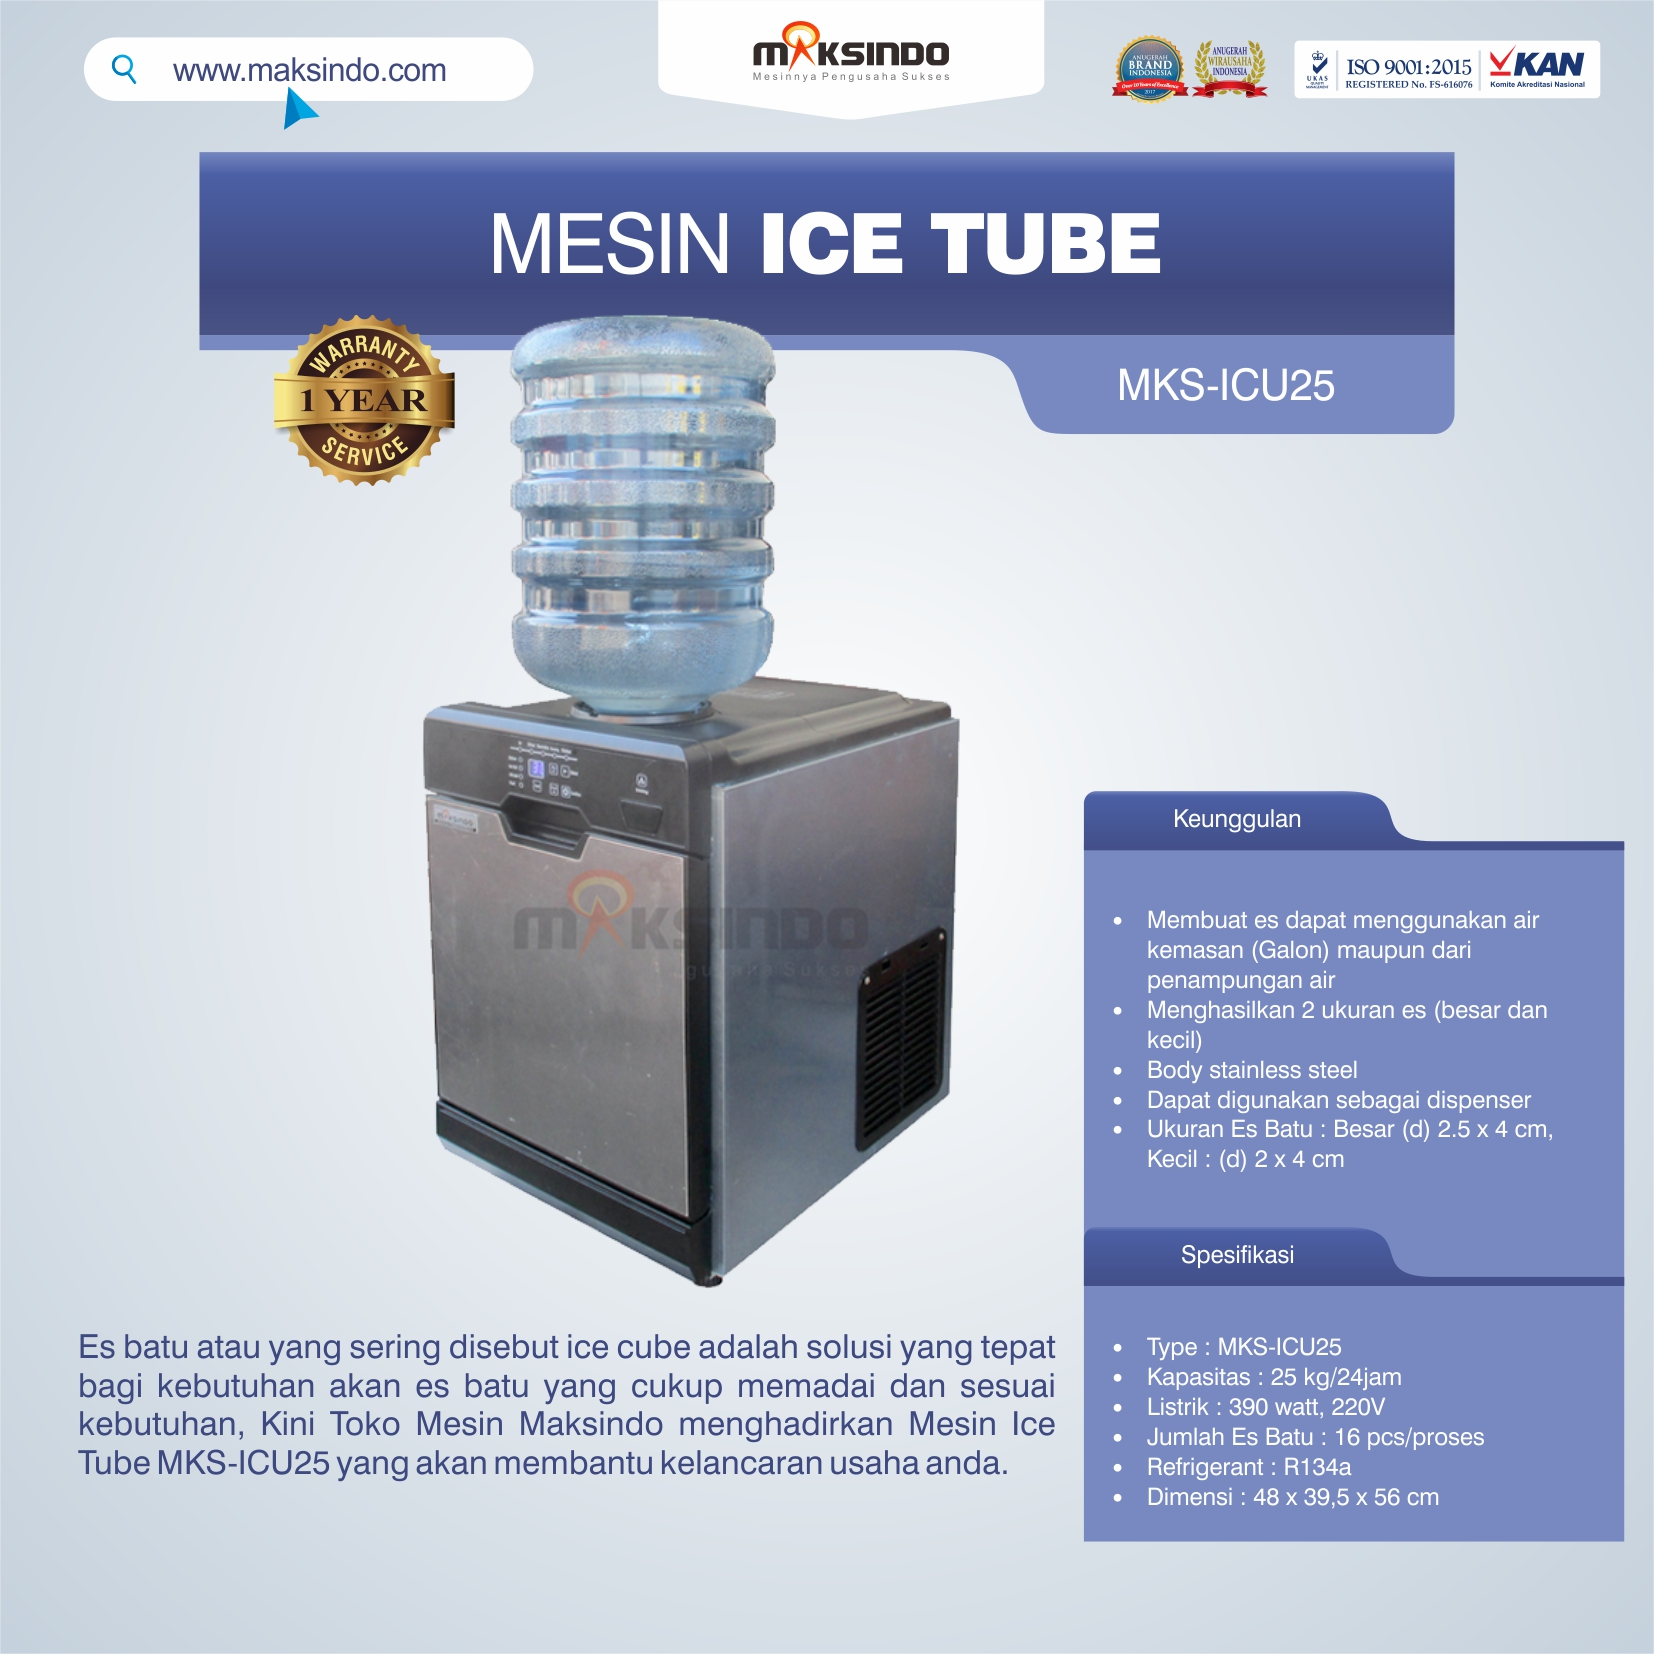 Jual Mesin Ice Tube MKS-ICU25 di Pekanbaru